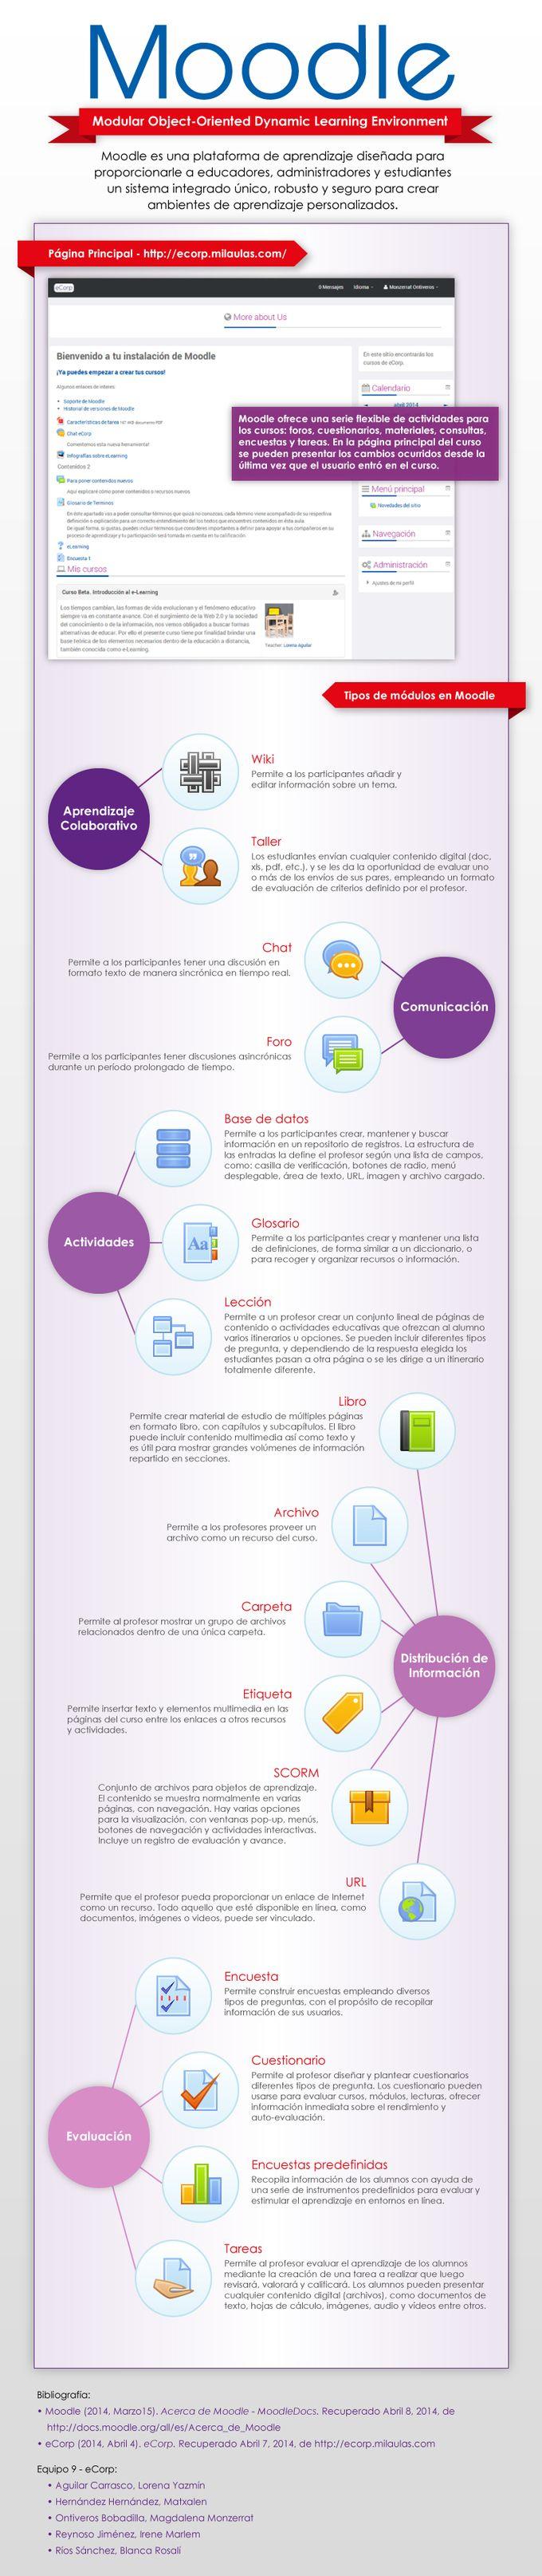 Moodle: qué es y elementos que lo integran #infografia #educacion - TICs y Formación